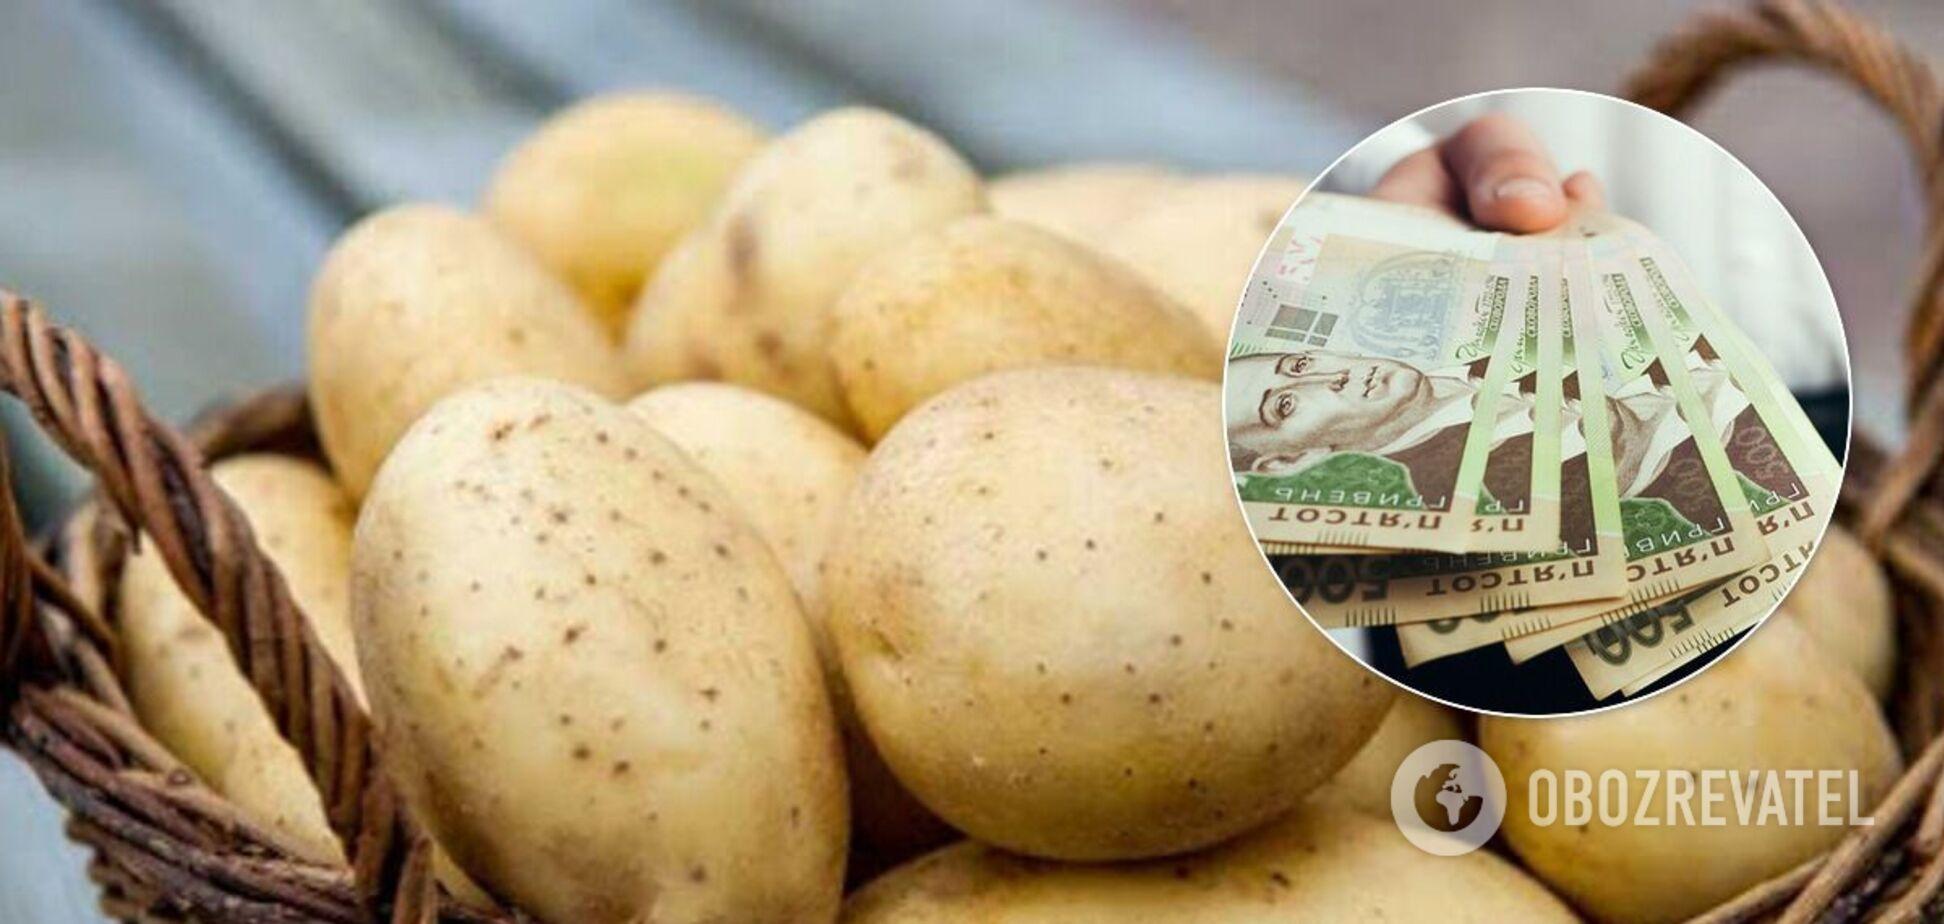 В Україні картопля подорожчала, незважаючи на збирання врожаю